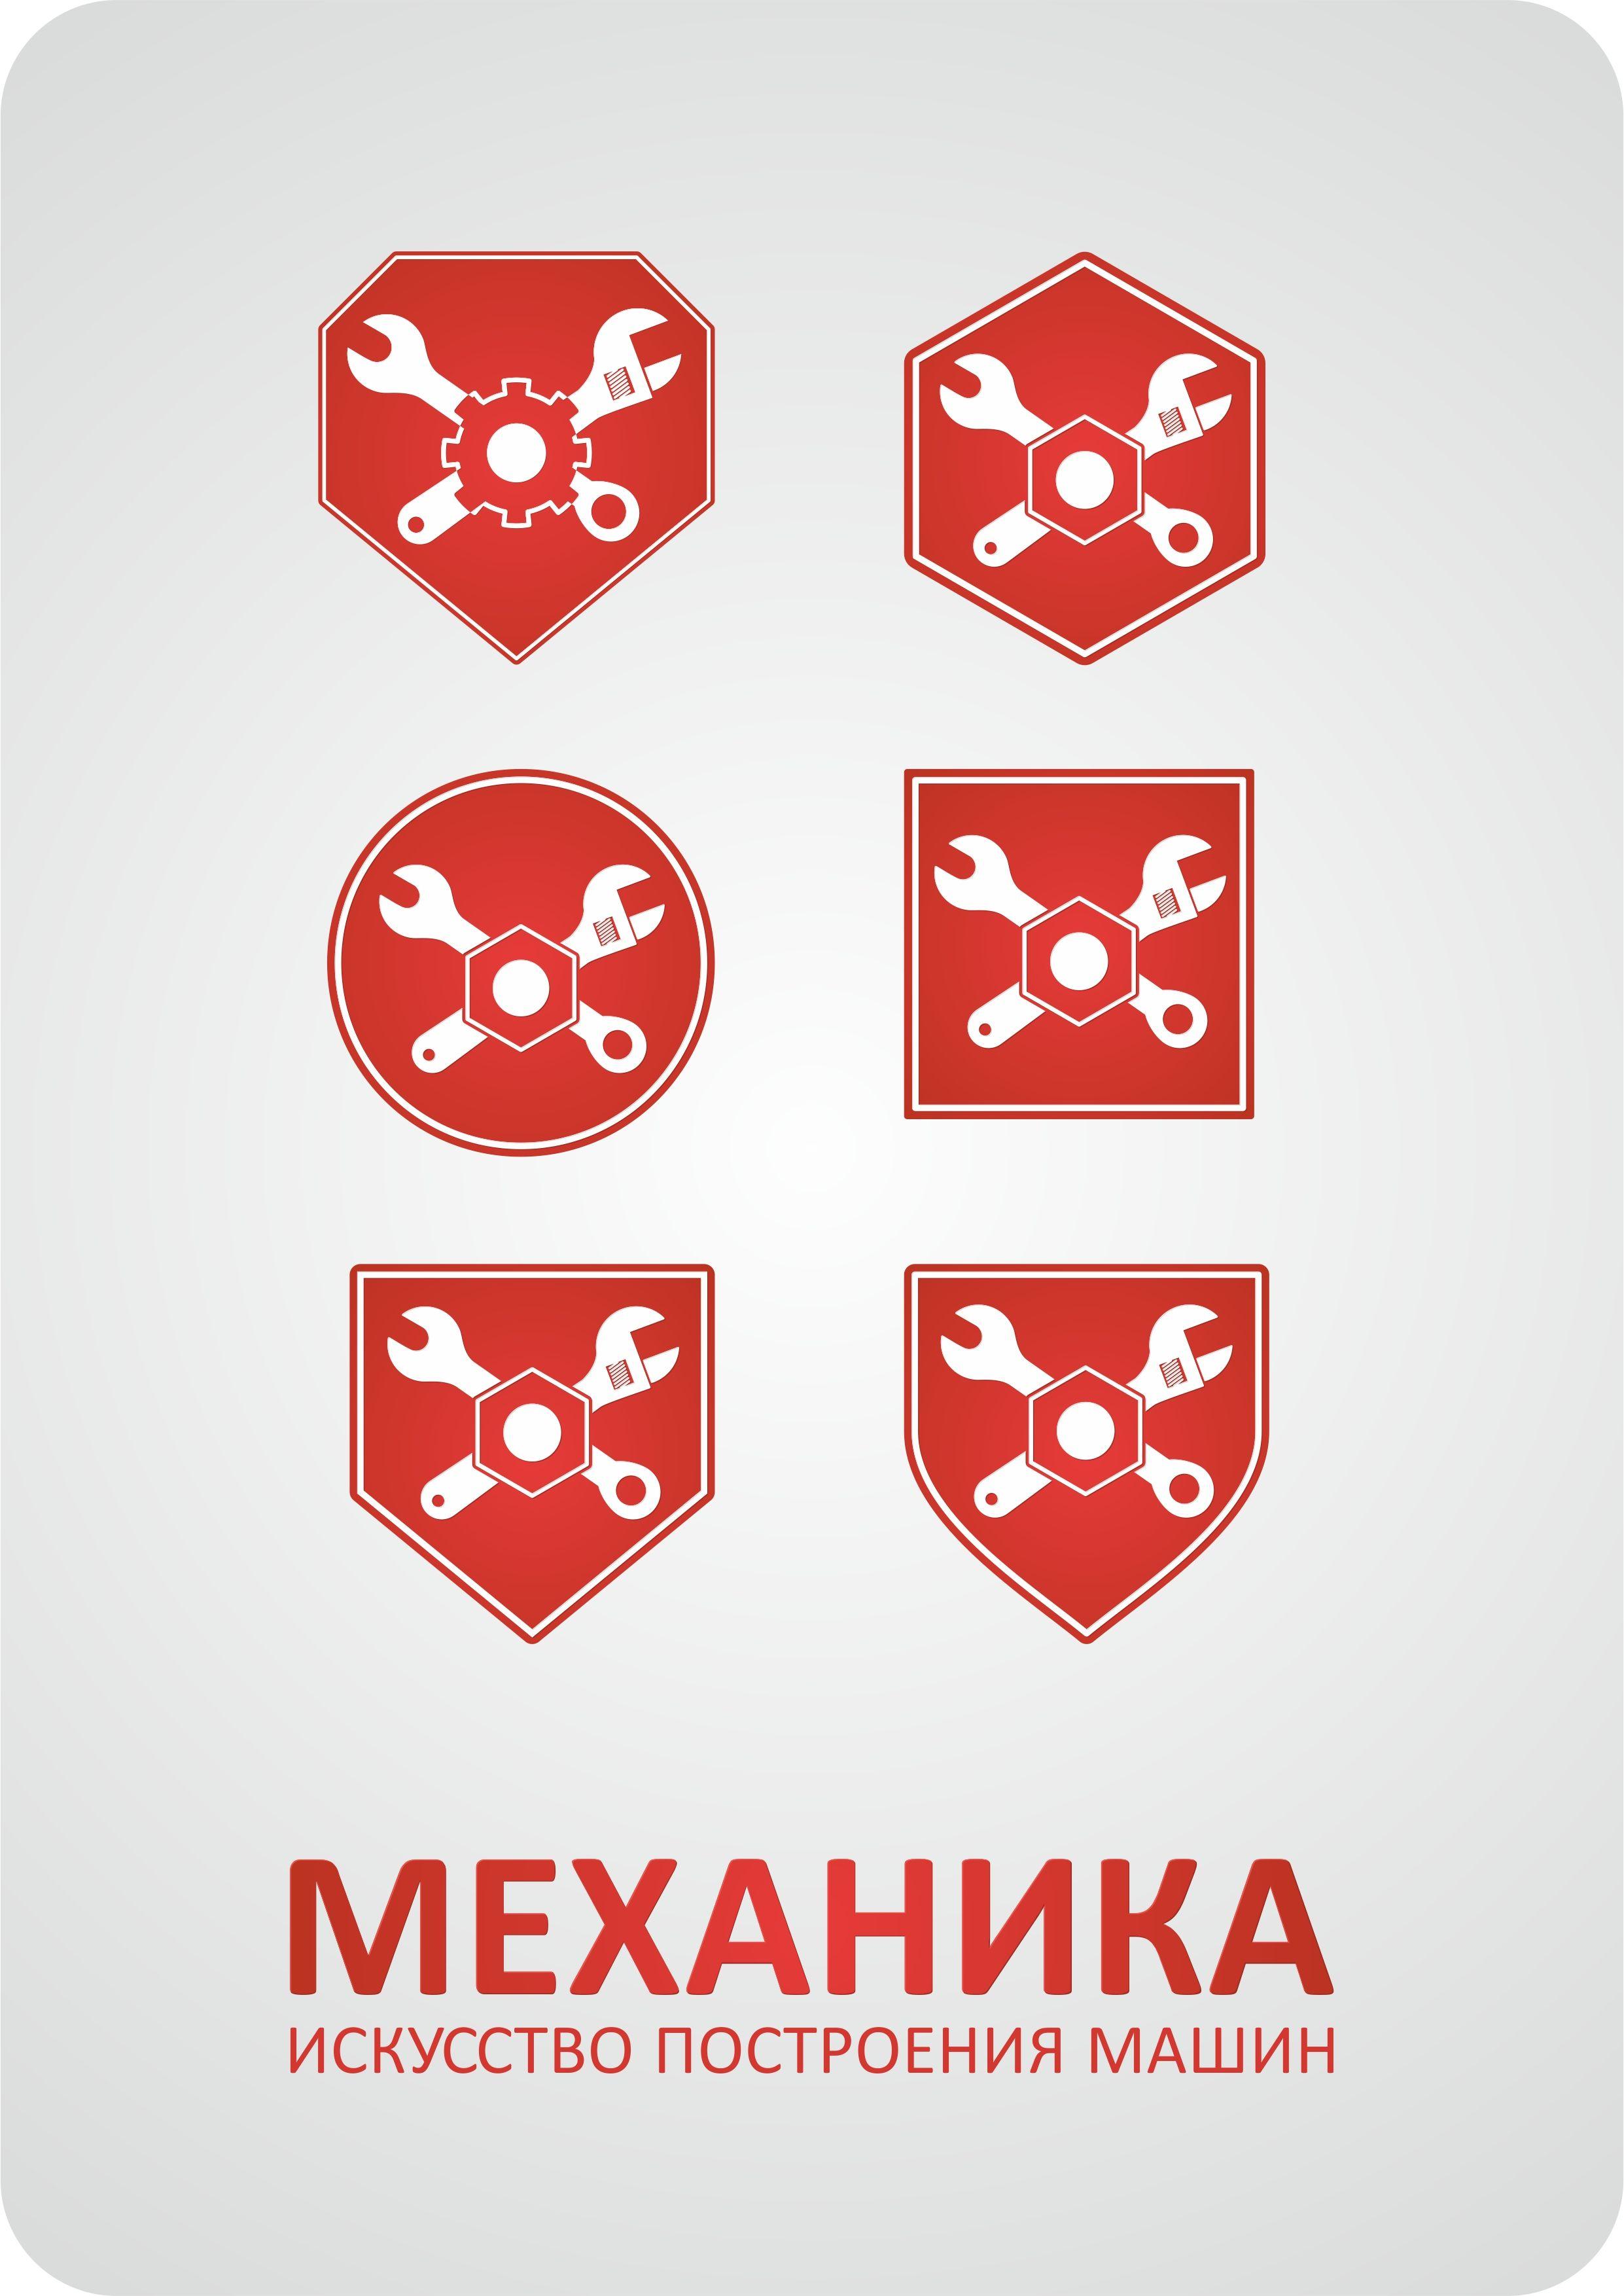 Логотип для магазина автозапчасти 'Механика' - дизайнер o-Soubi-st